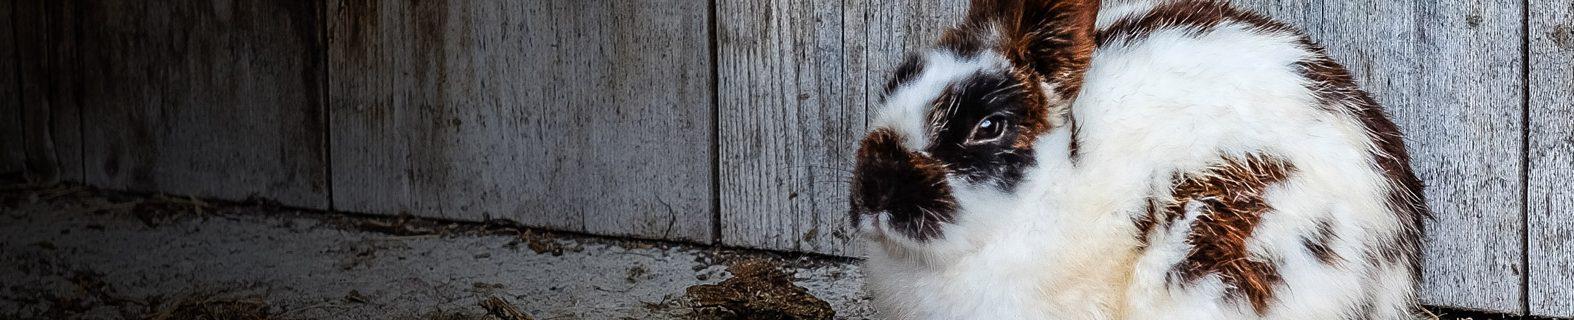 http://hvovet.com/hvo/wp-content/uploads/2016/09/veterinaire-lapin-ormstown-2-1574x320.jpg